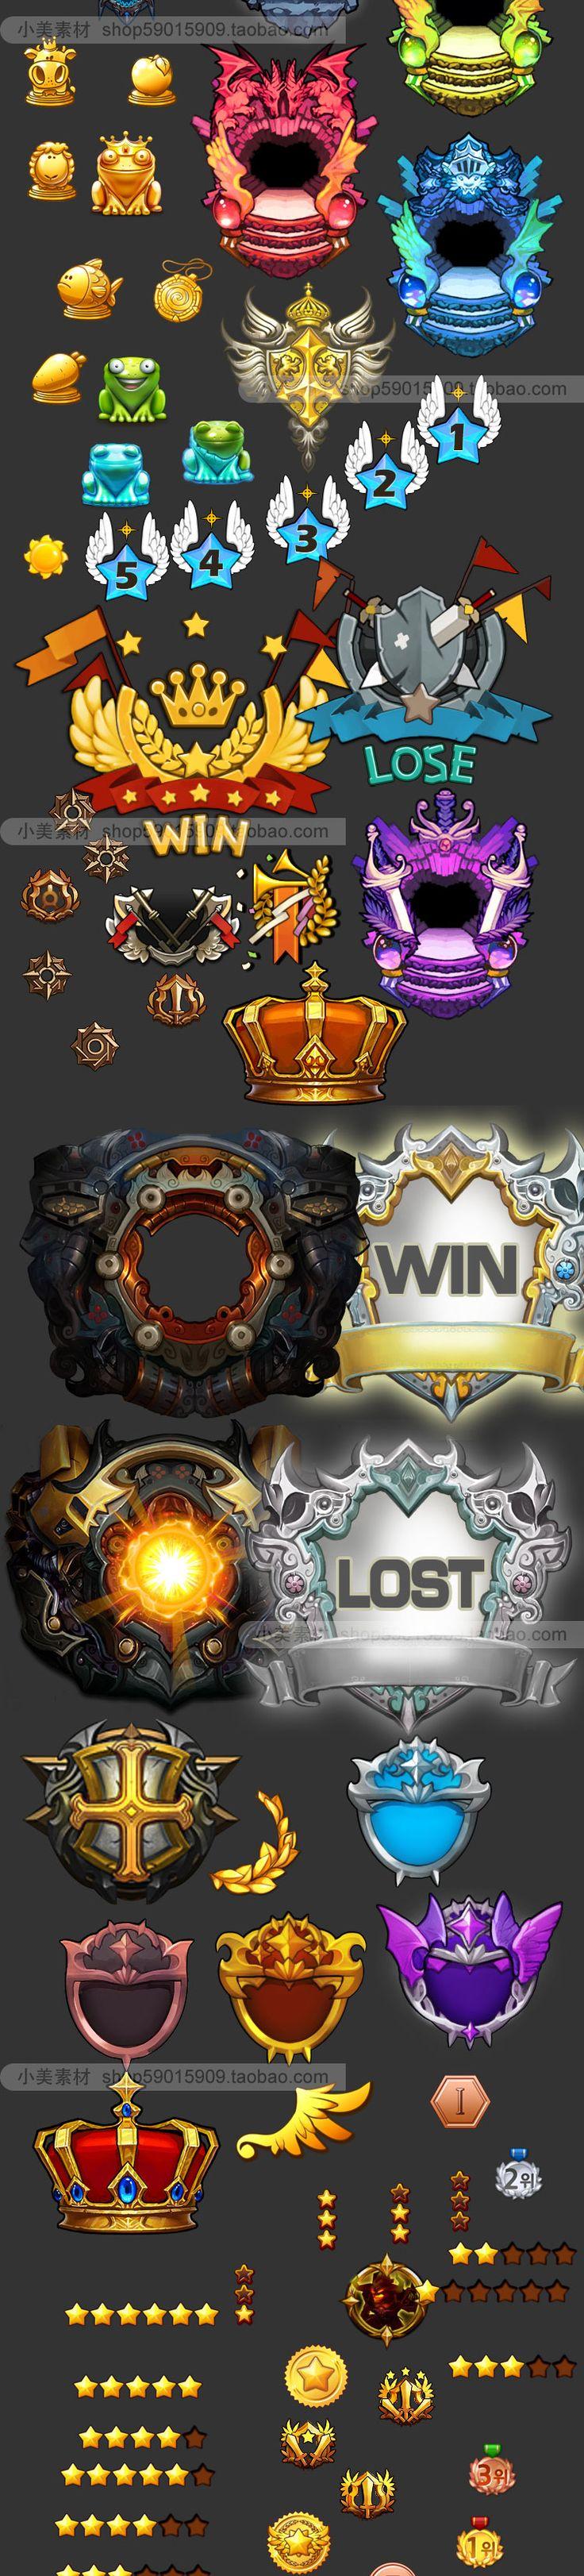 手游游戏UI设计常用素材 徽章 皇冠 等级 图腾 勋章 图标 素材-淘宝网全球站